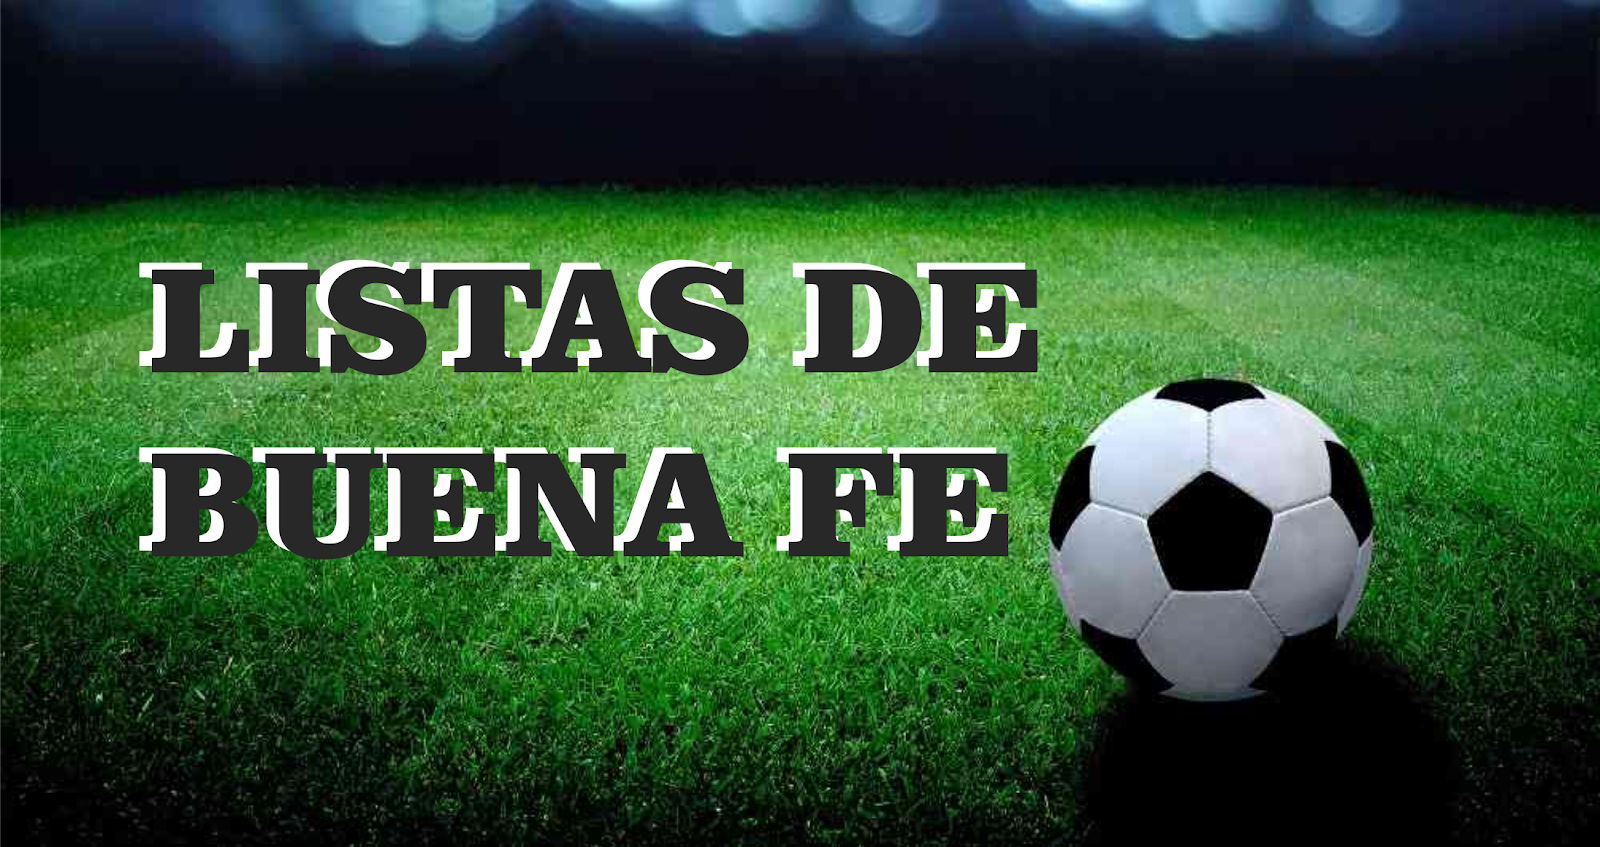 Listas de Buena Fe - Apertura 2019